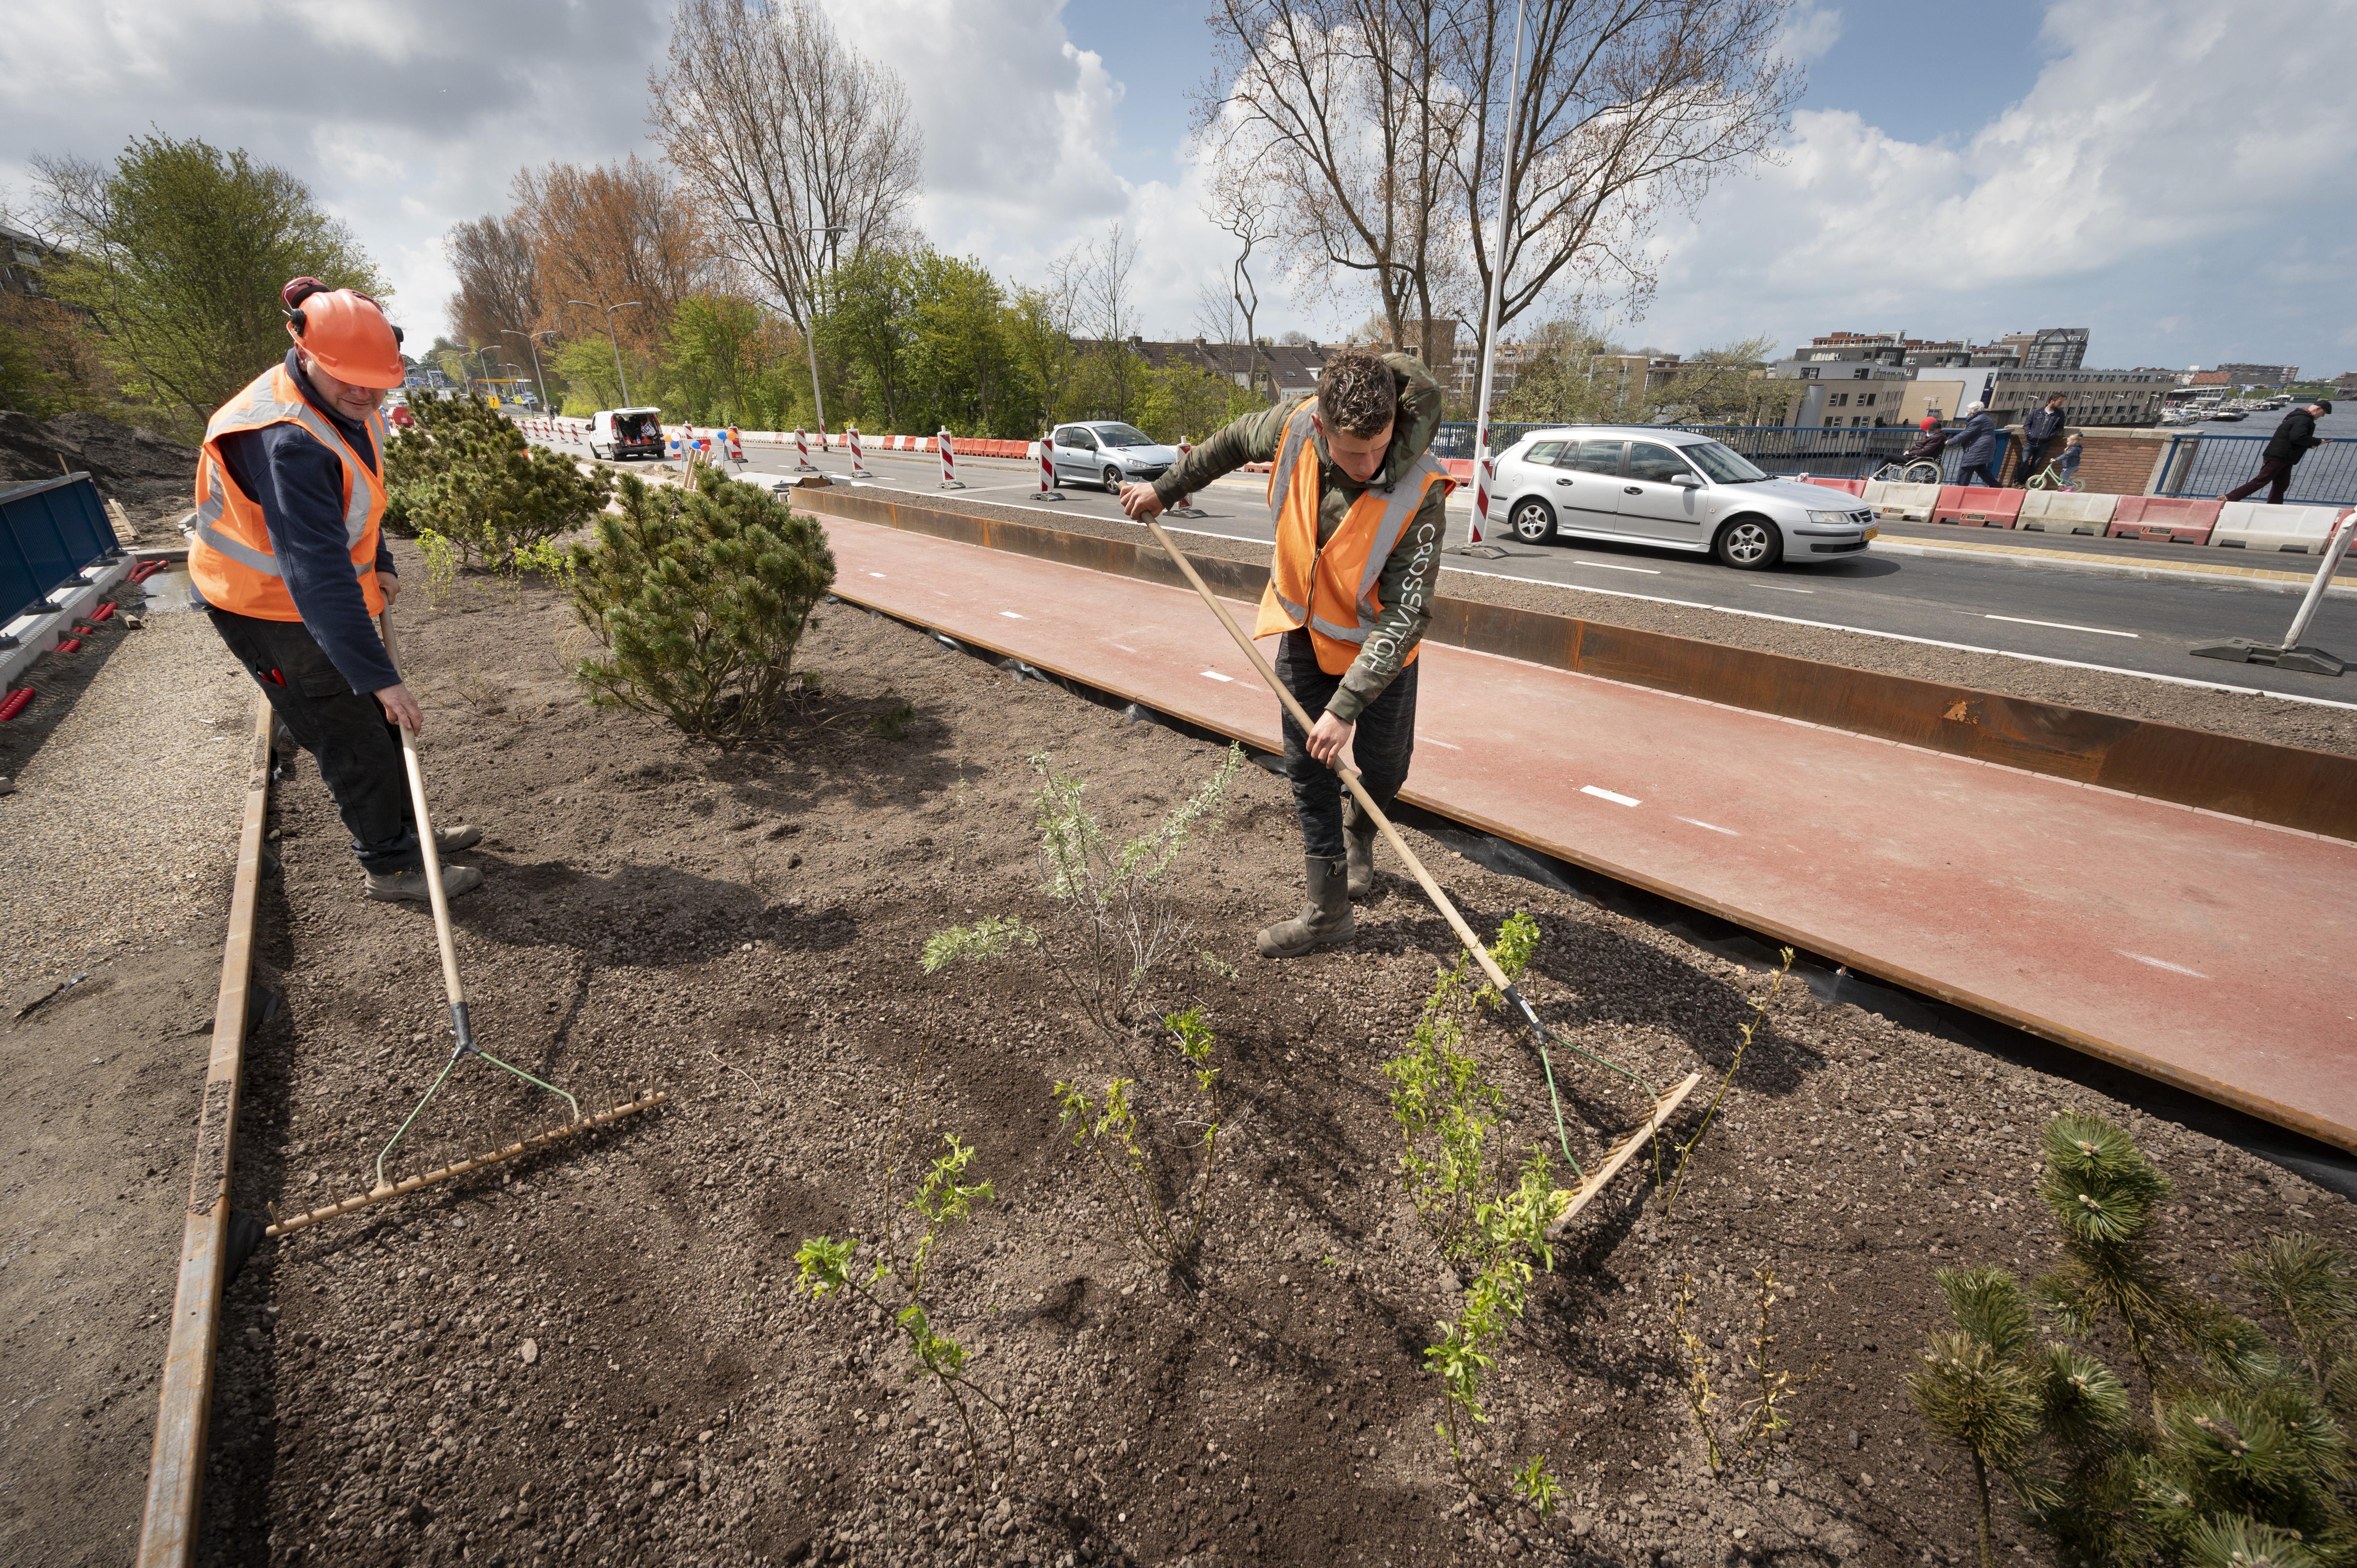 Opluchting en weemoed bij heropening Koningin Julianabrug in Katwijk: 'Het pontje zal ik echt nog gaan missen'